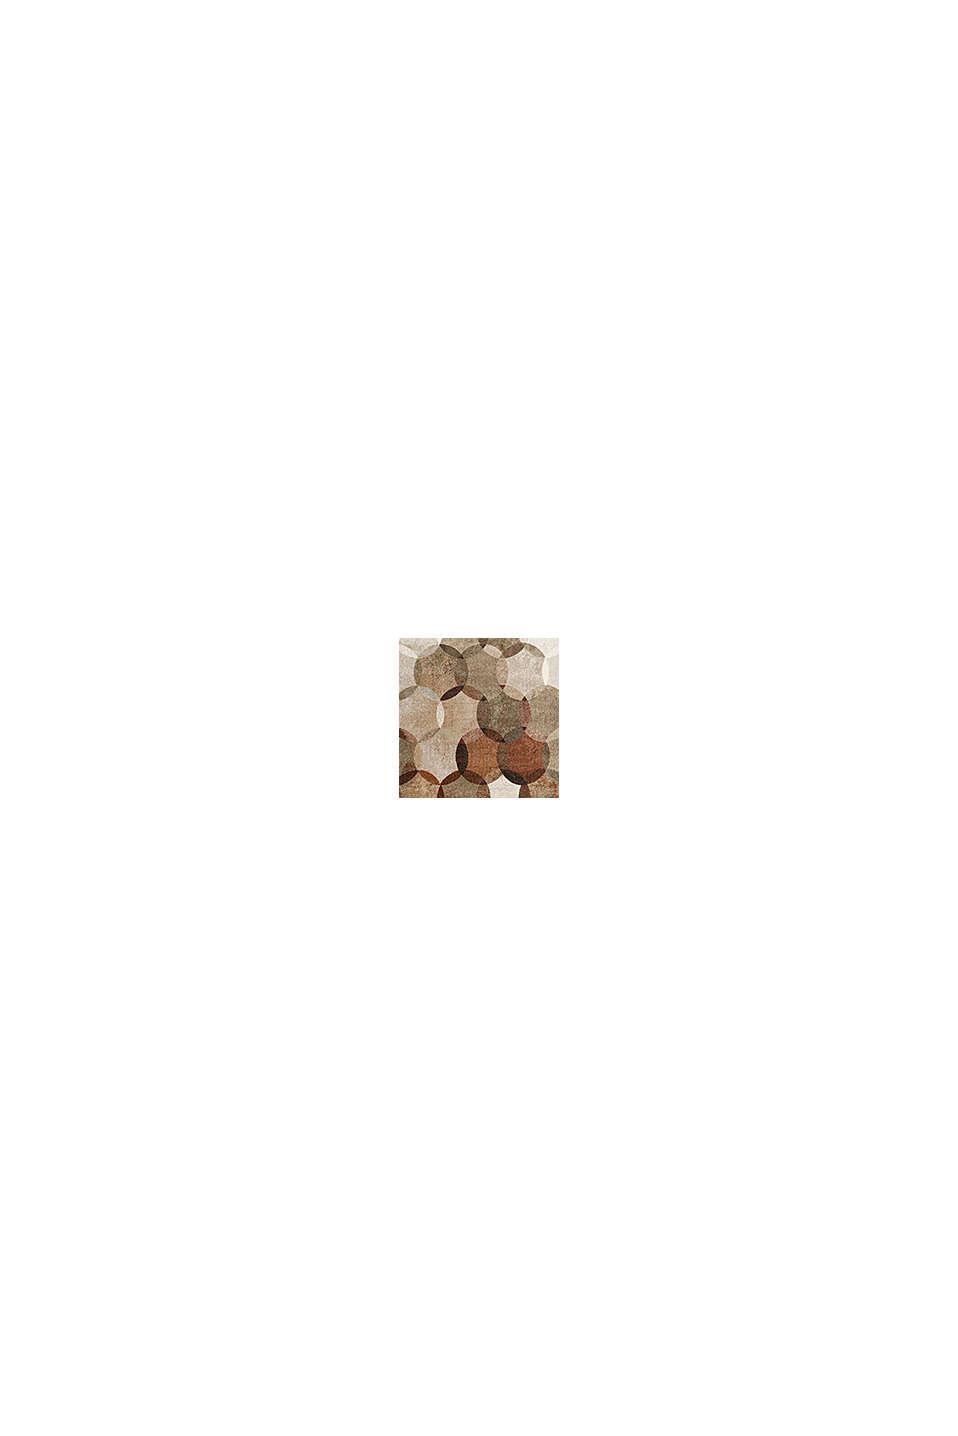 Kurzflor-Teppich mit geometrischem Muster, TOFFEE, swatch